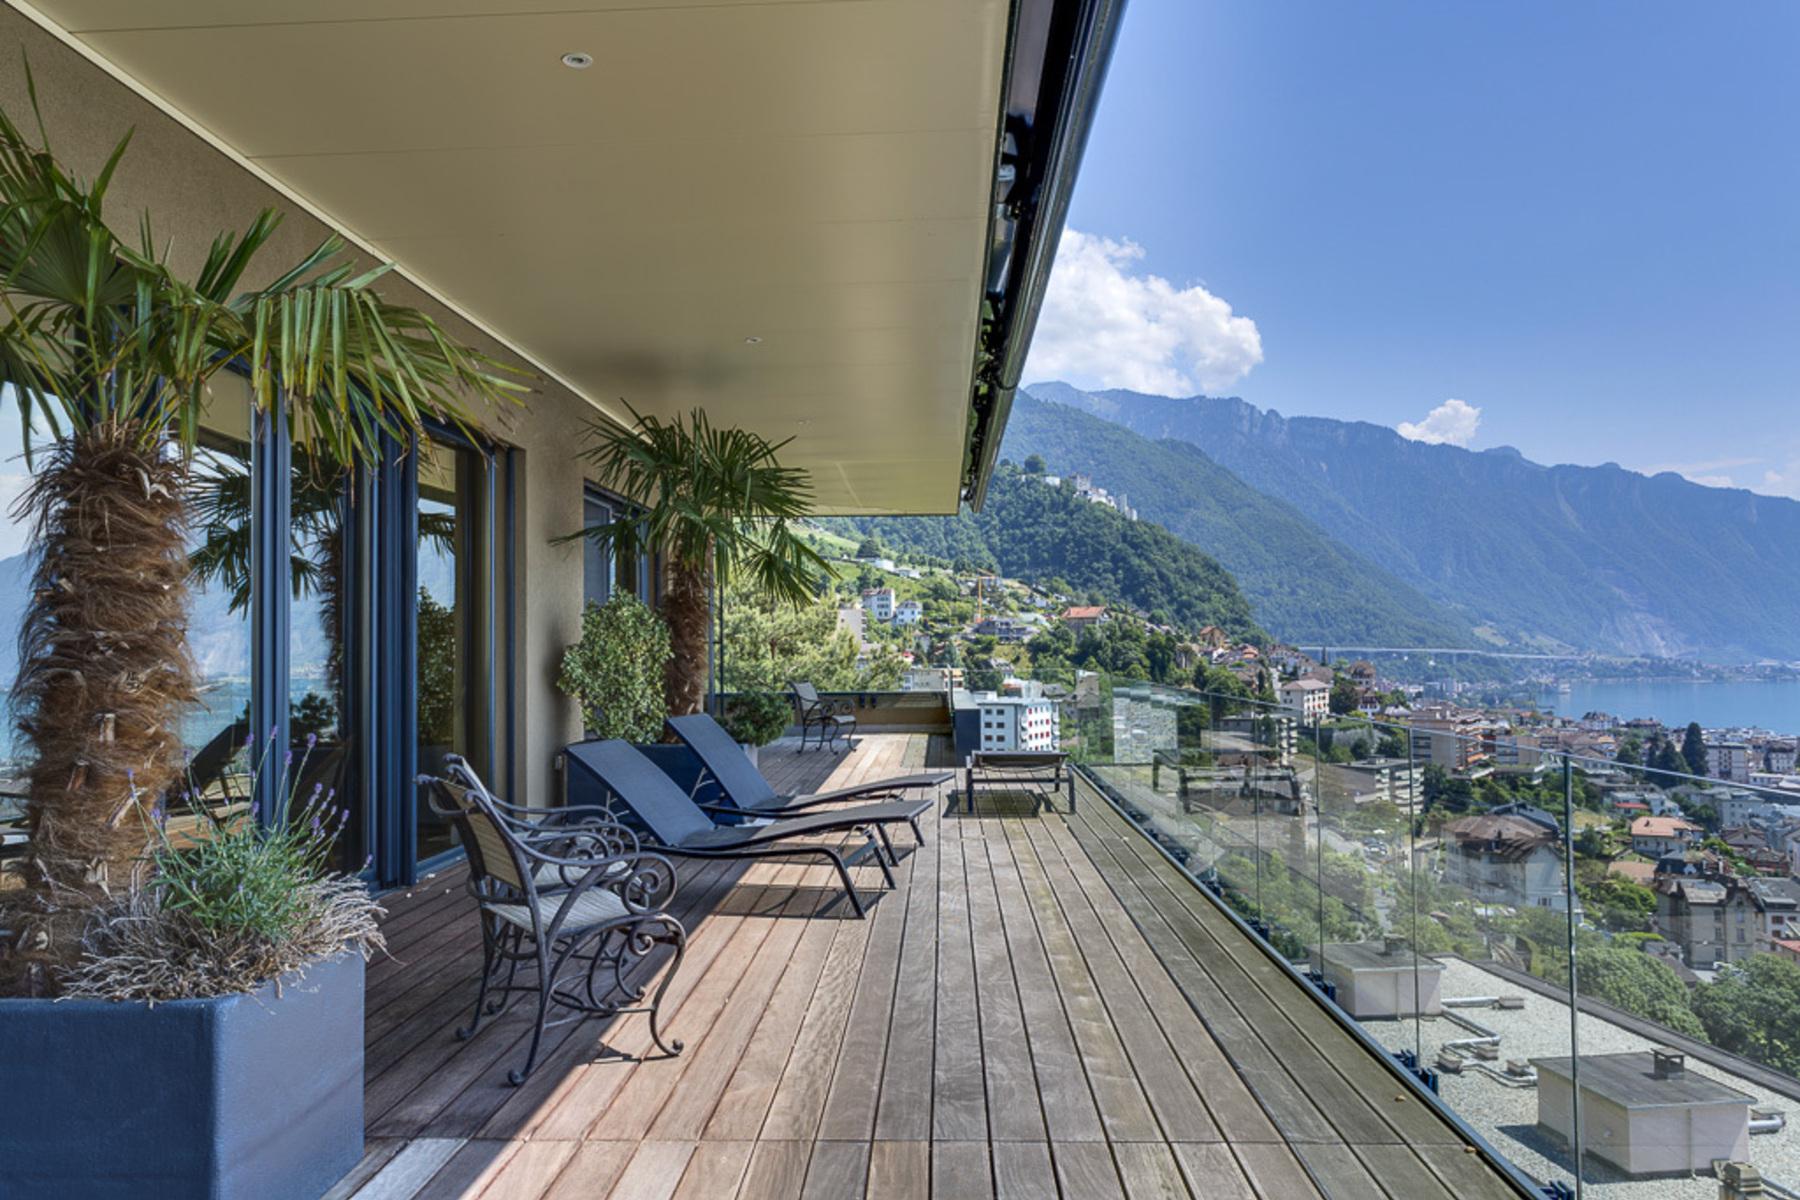 独户住宅 为 销售 在 Exceptional property Your balcony overlooking Lake Geneva Montreux 蒙特勒, 沃州, 1820 瑞士